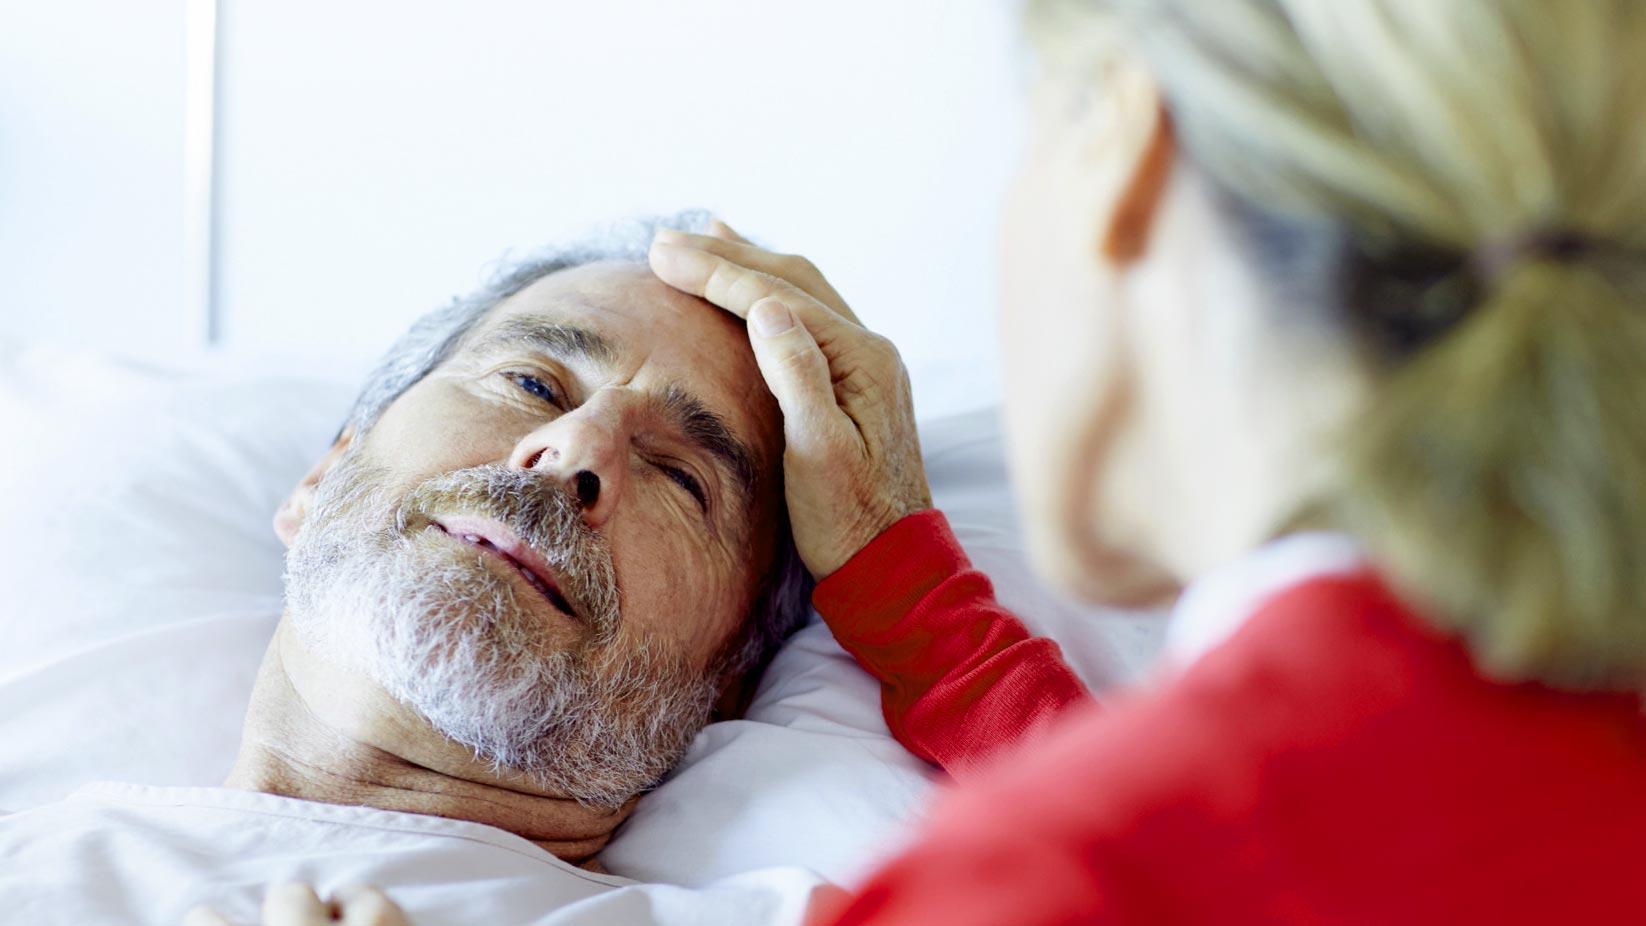 Инсульт у мужчин: симптомы и первые признаки